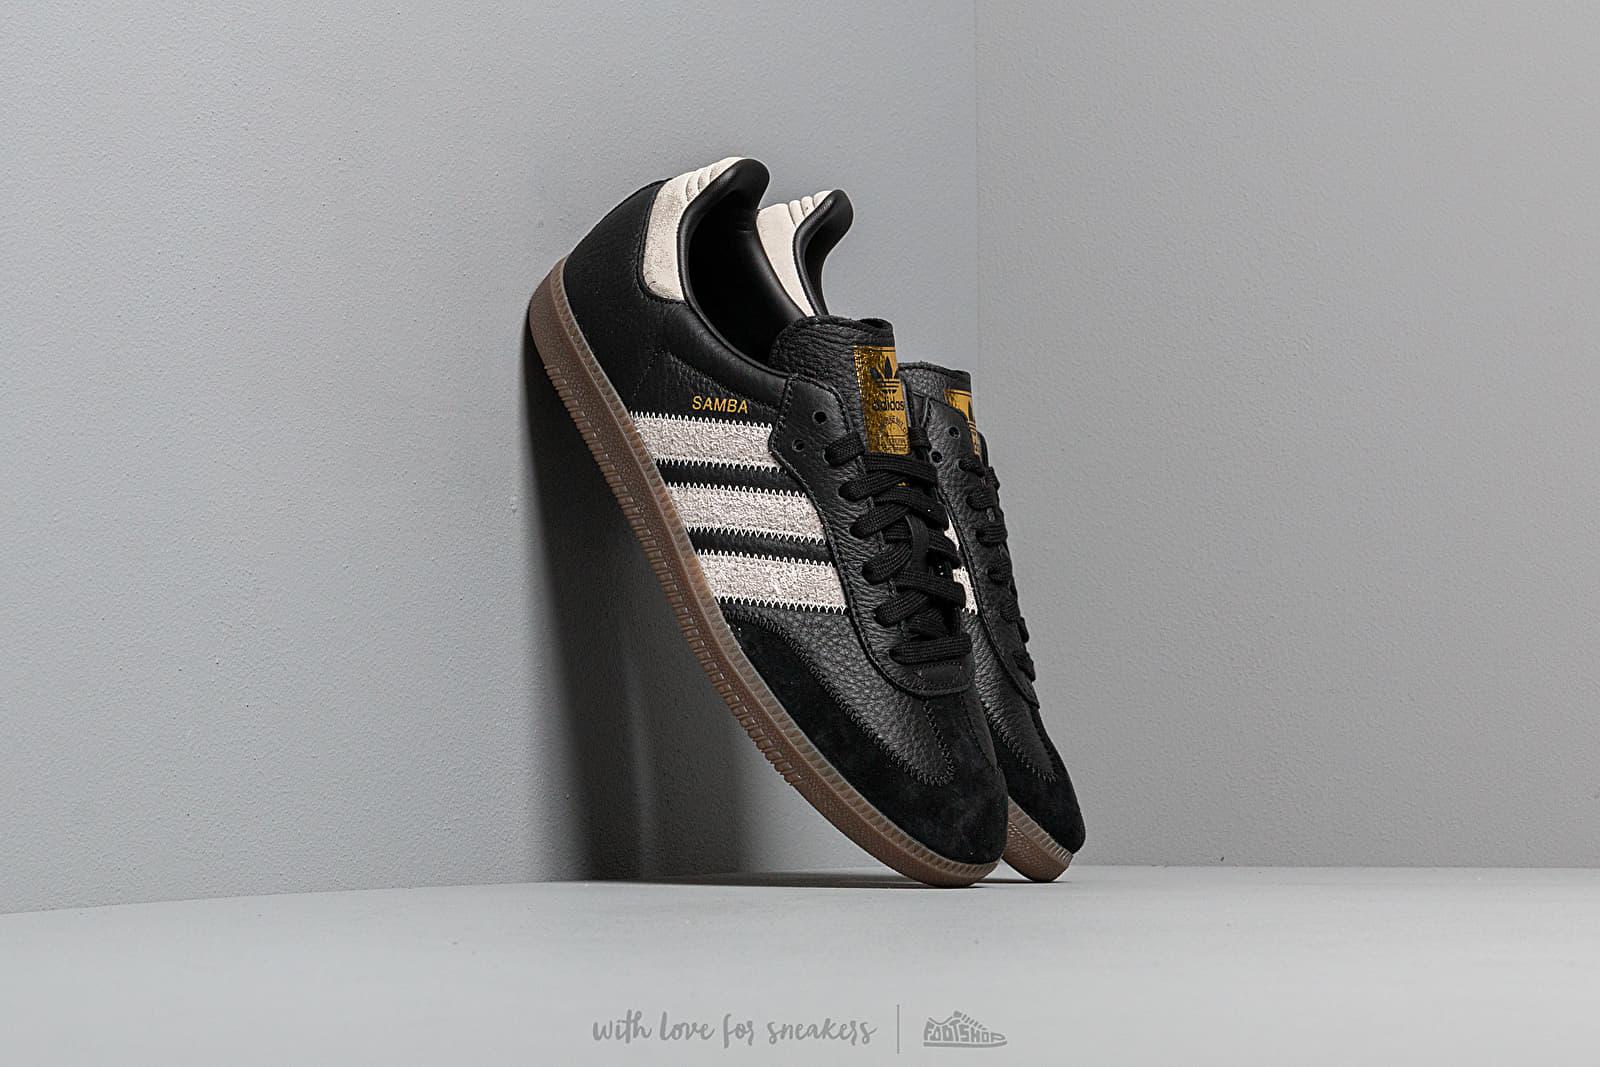 adidas Samba OG Ft Core Black/ Raw White/ Gold Metalic | Footshop